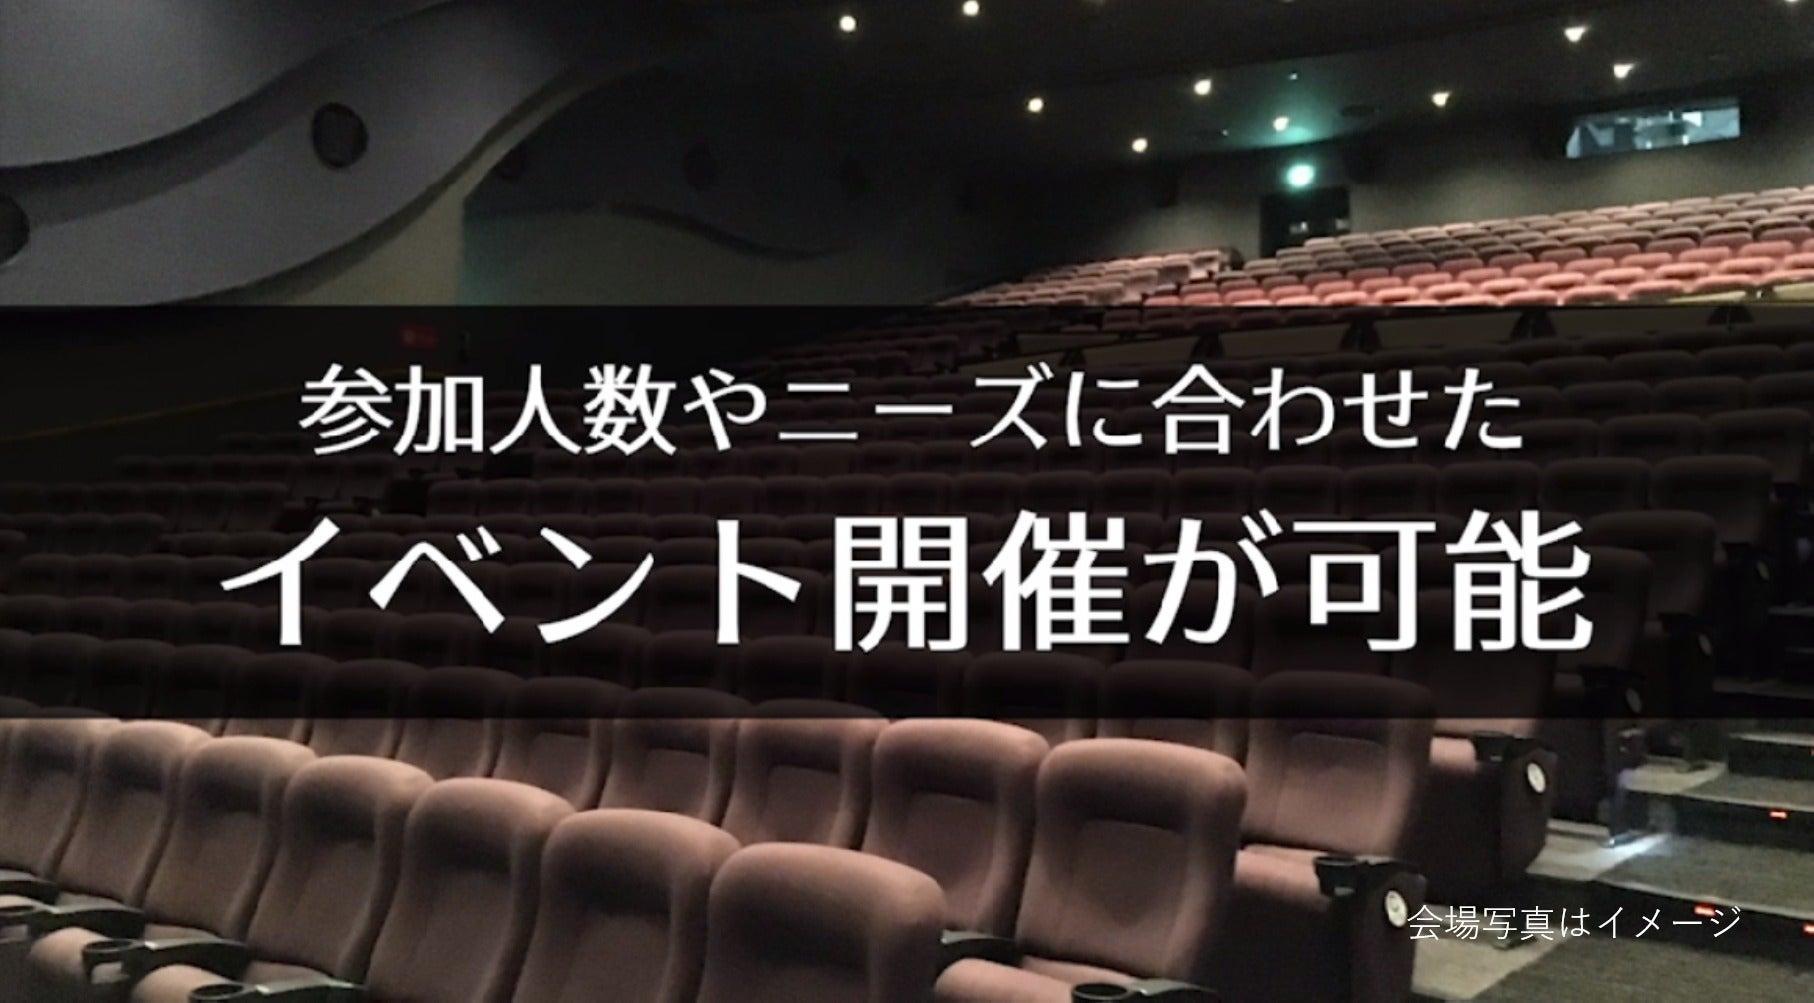 【浦和 123席】映画館で、会社説明会、株主総会、講演会の企画はいかがですか?(ユナイテッド・シネマ浦和) の写真0